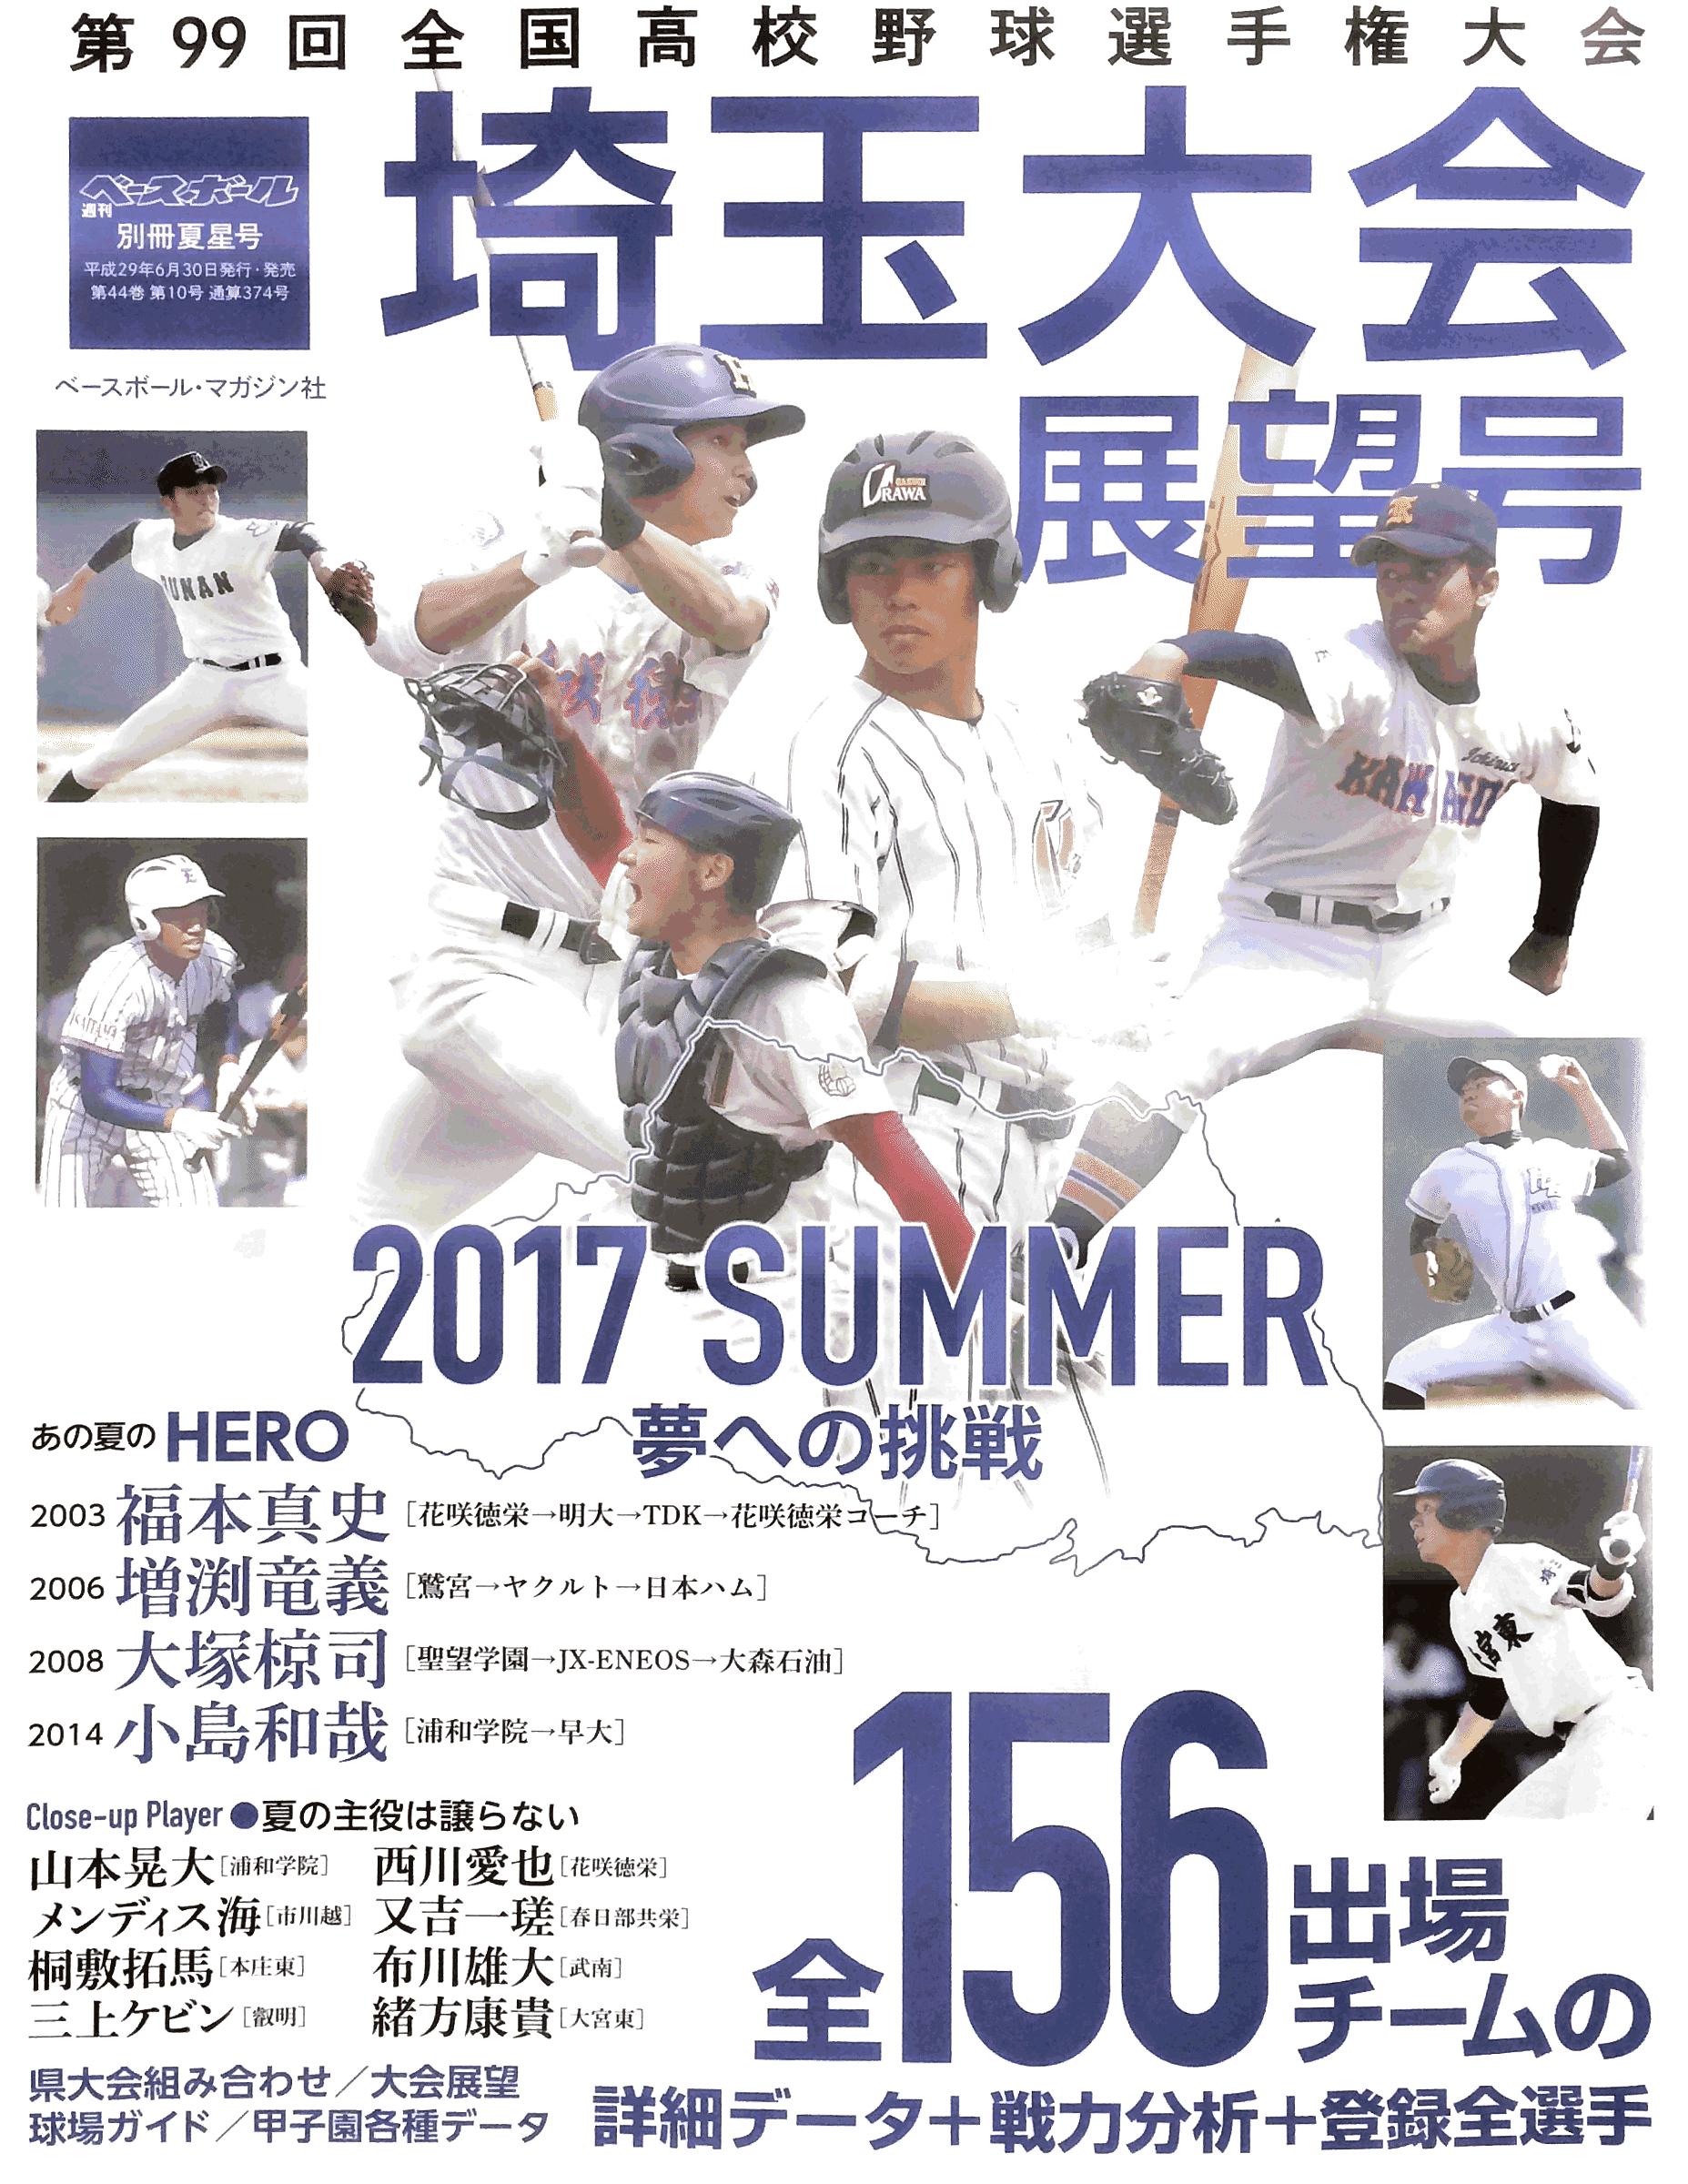 第99回全国高校野球選手権大会・春日部・接骨・整骨・鍼灸